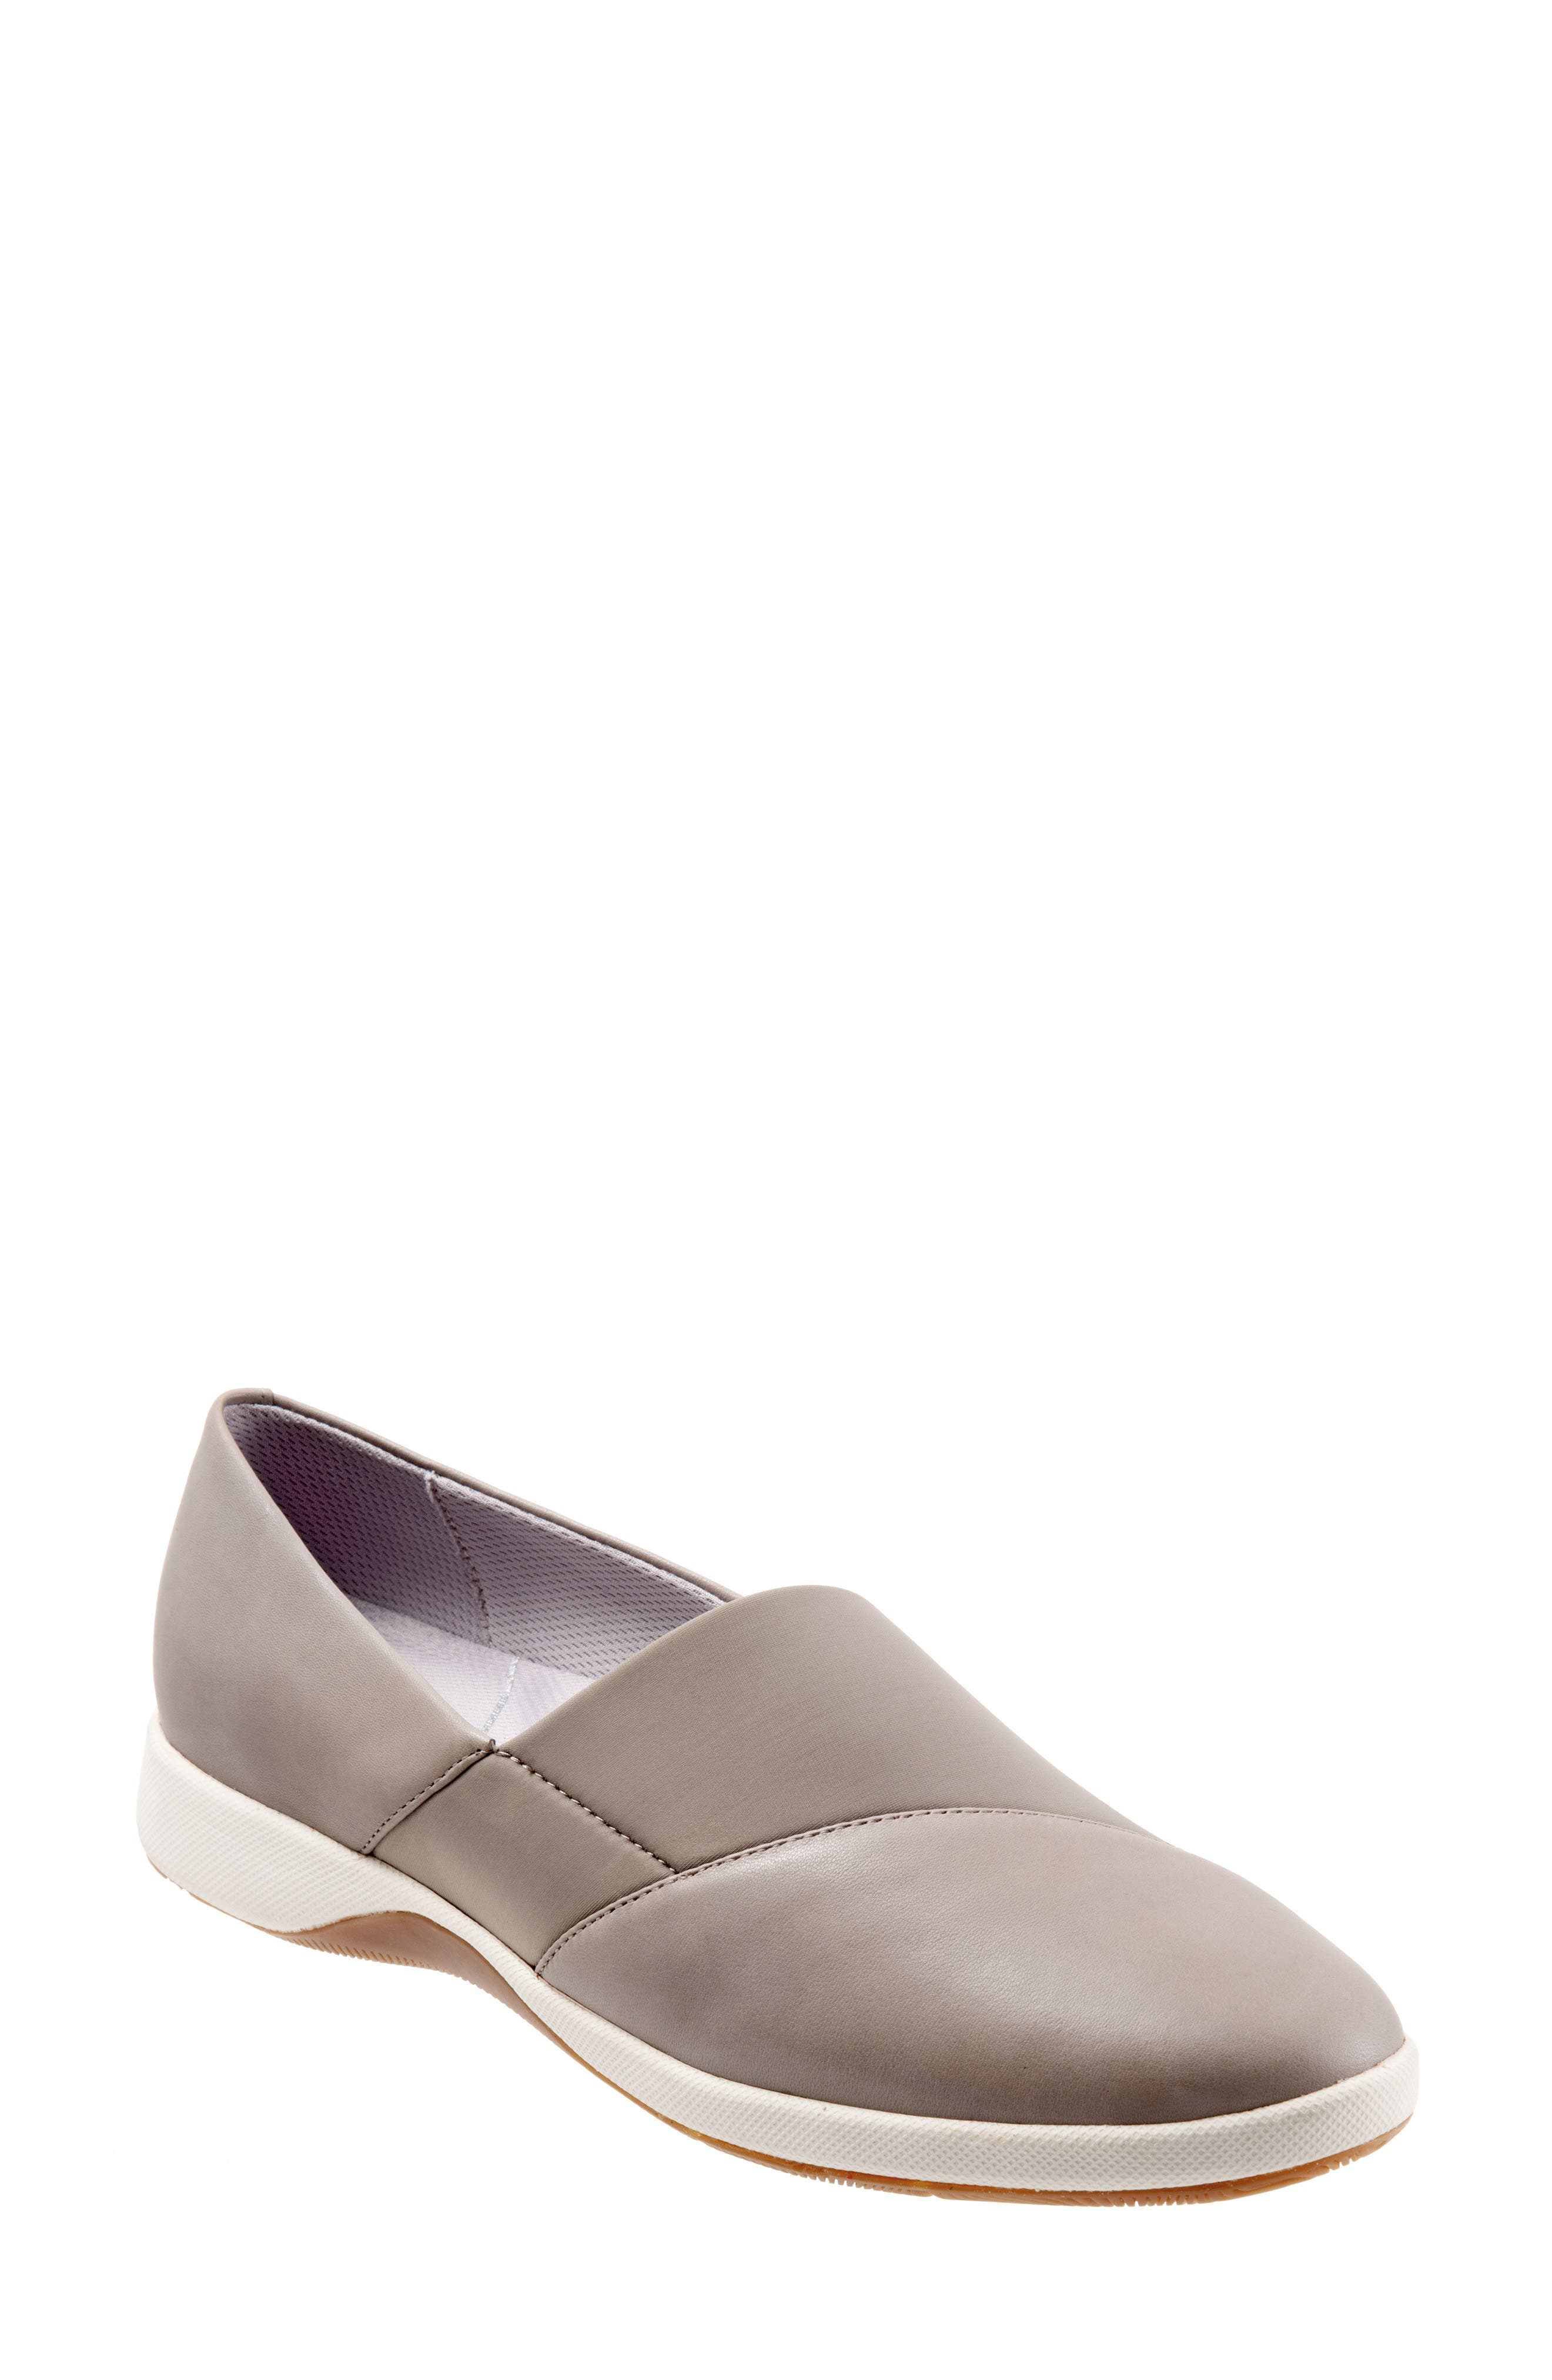 Softwalk Hana Slip-On, Grey